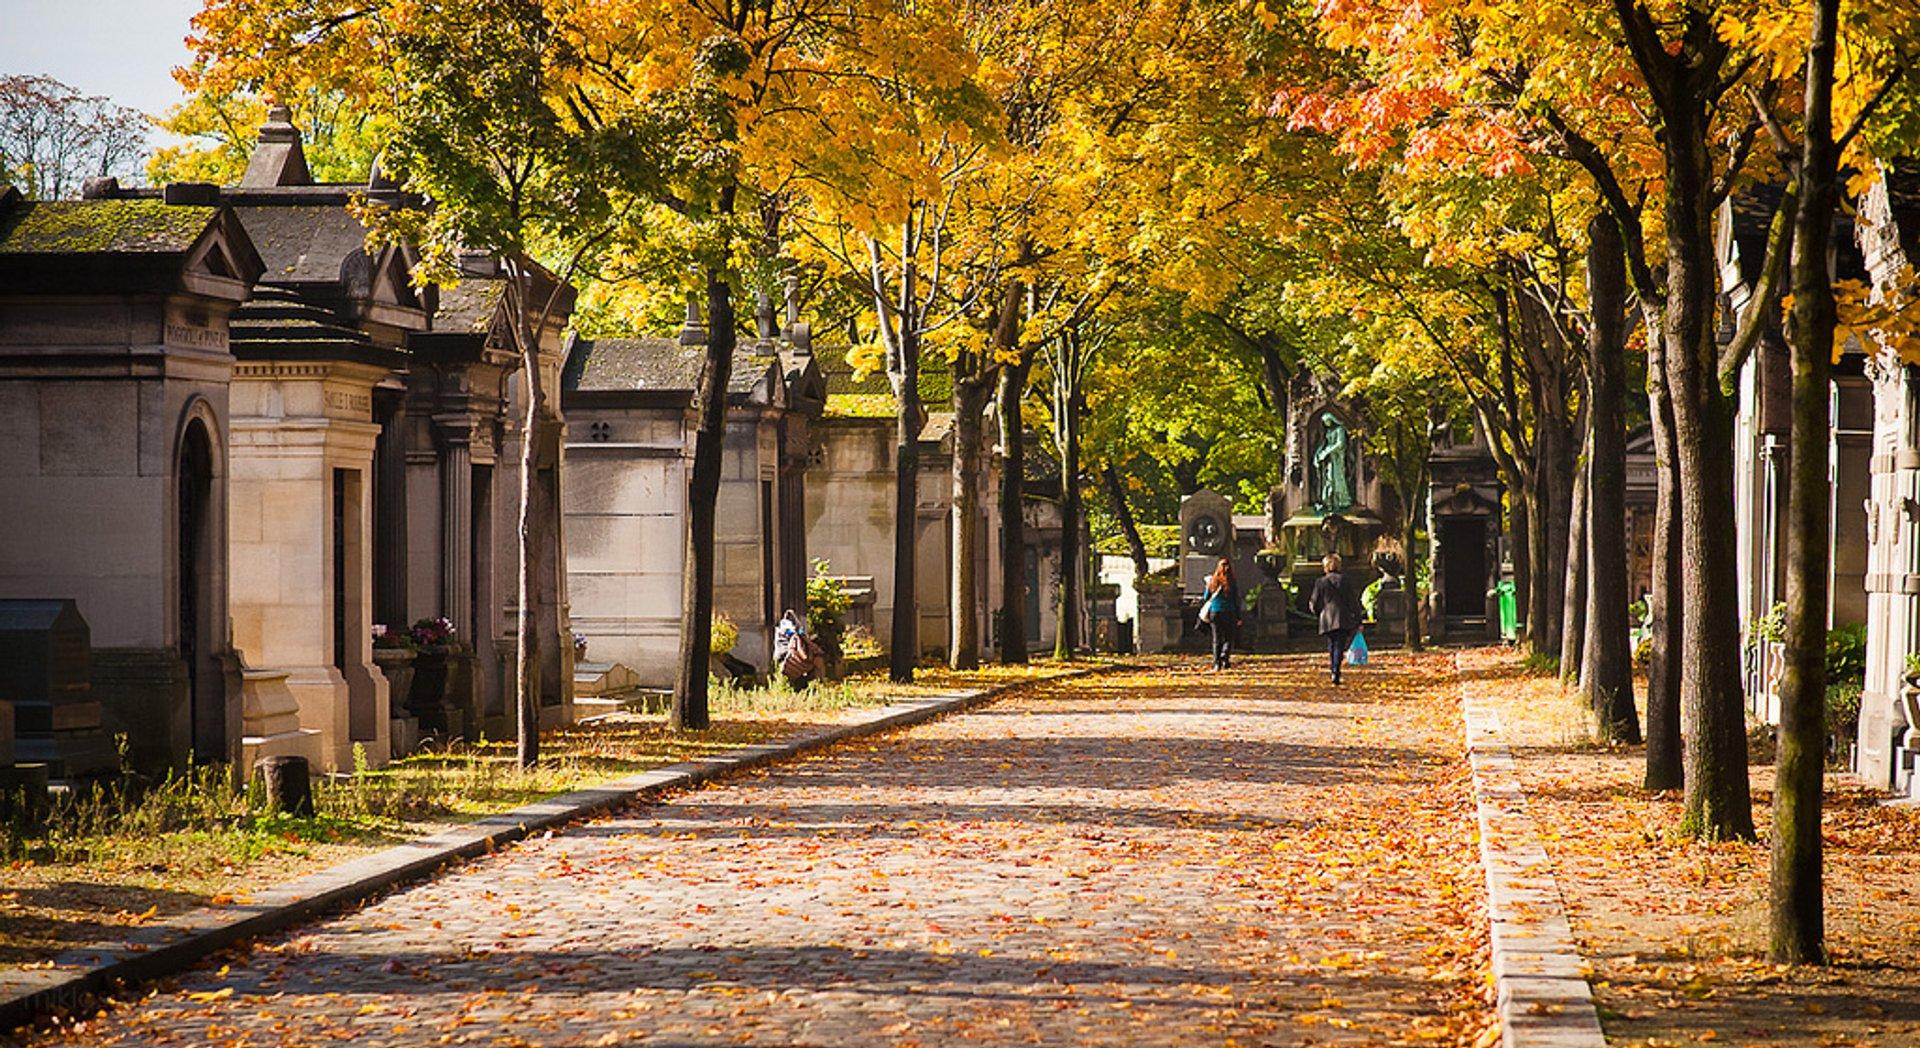 Autumnal Père Lachaise Cemetery in Paris 2020 - Best Time